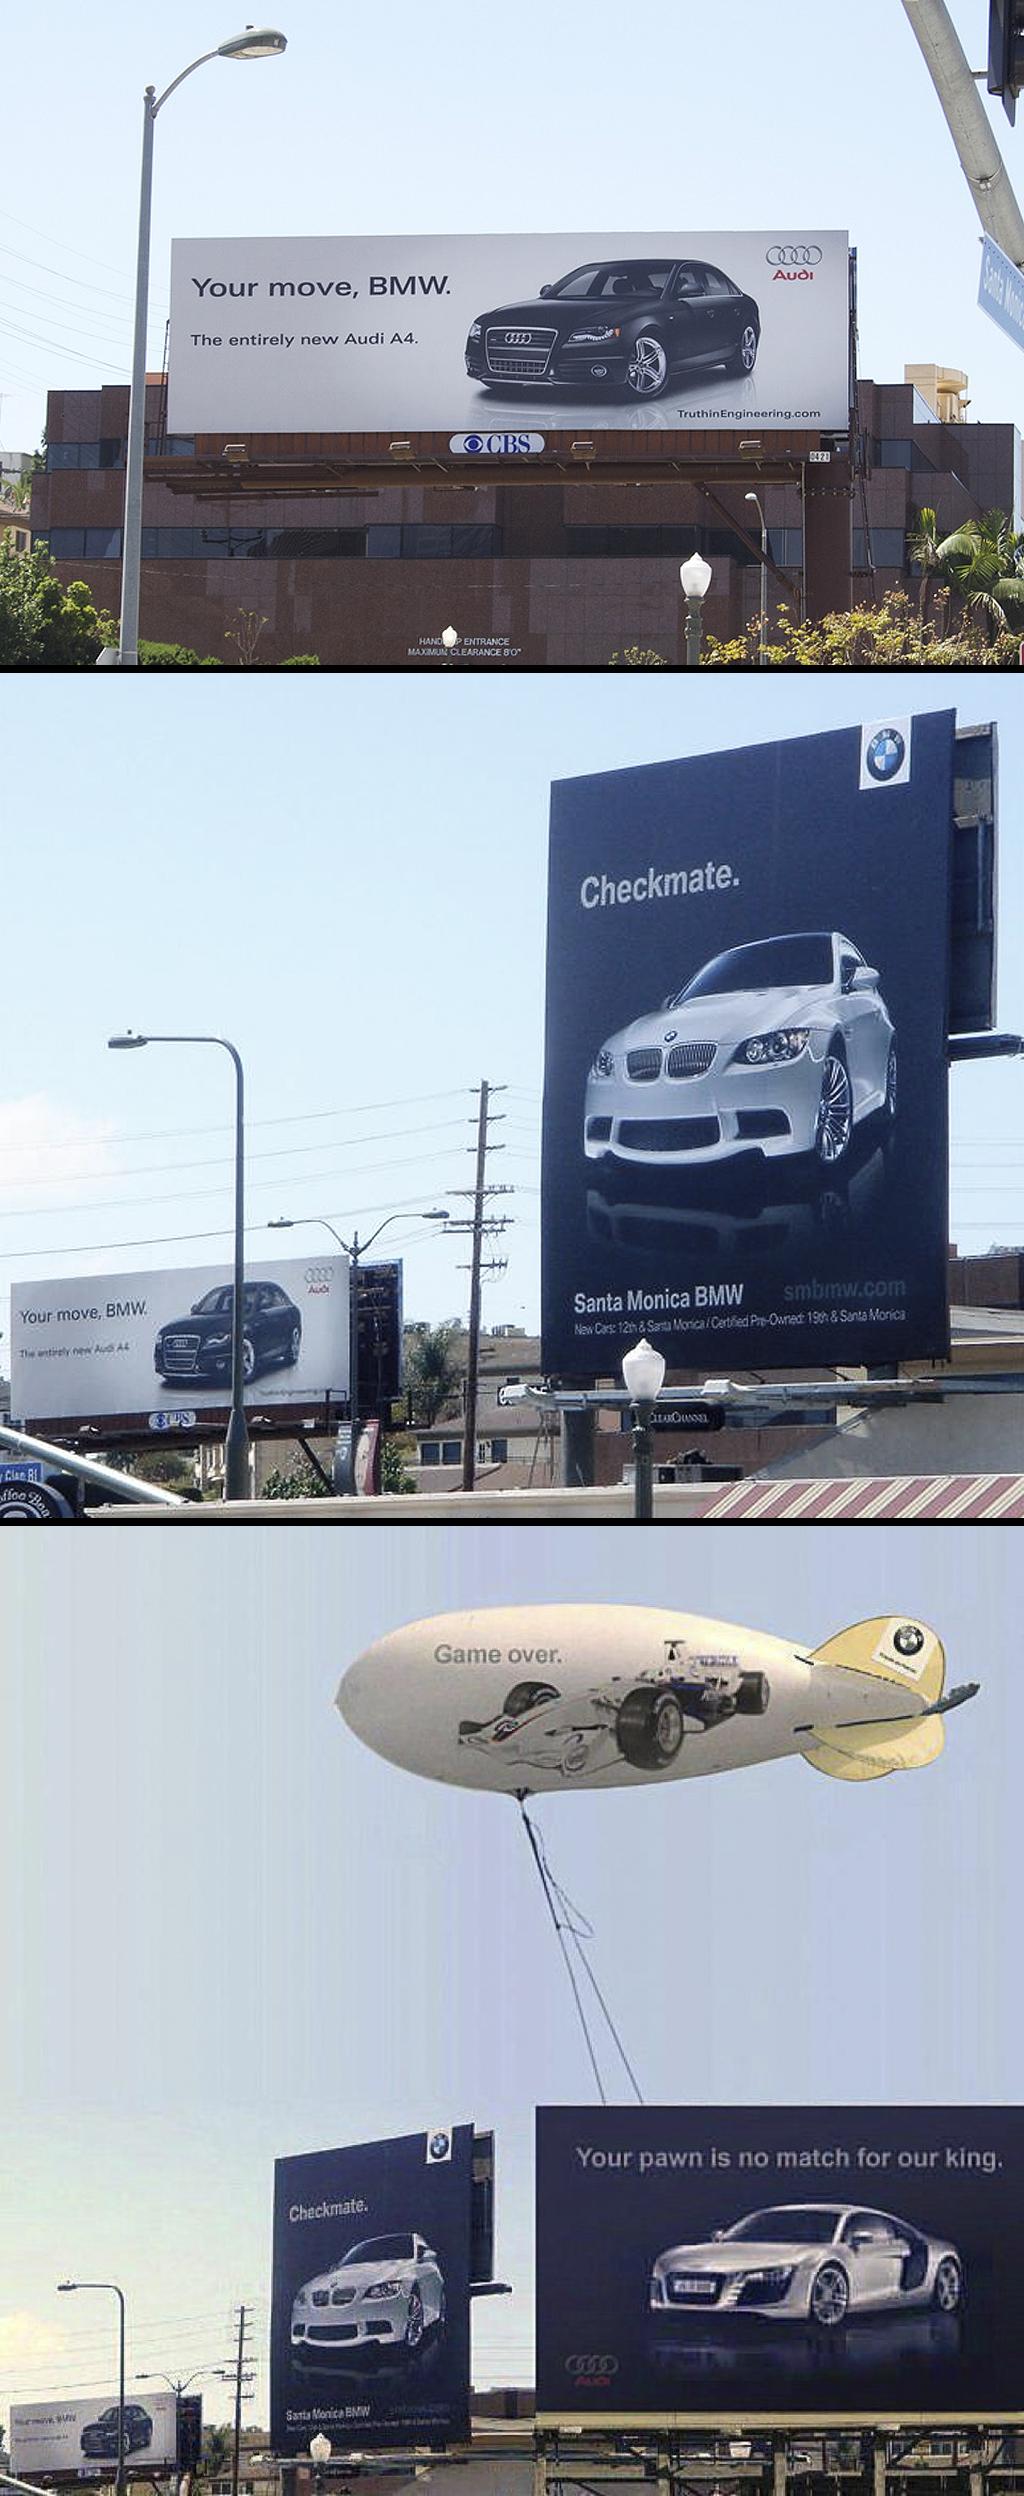 BMW vs. Audi - Billboard Battle